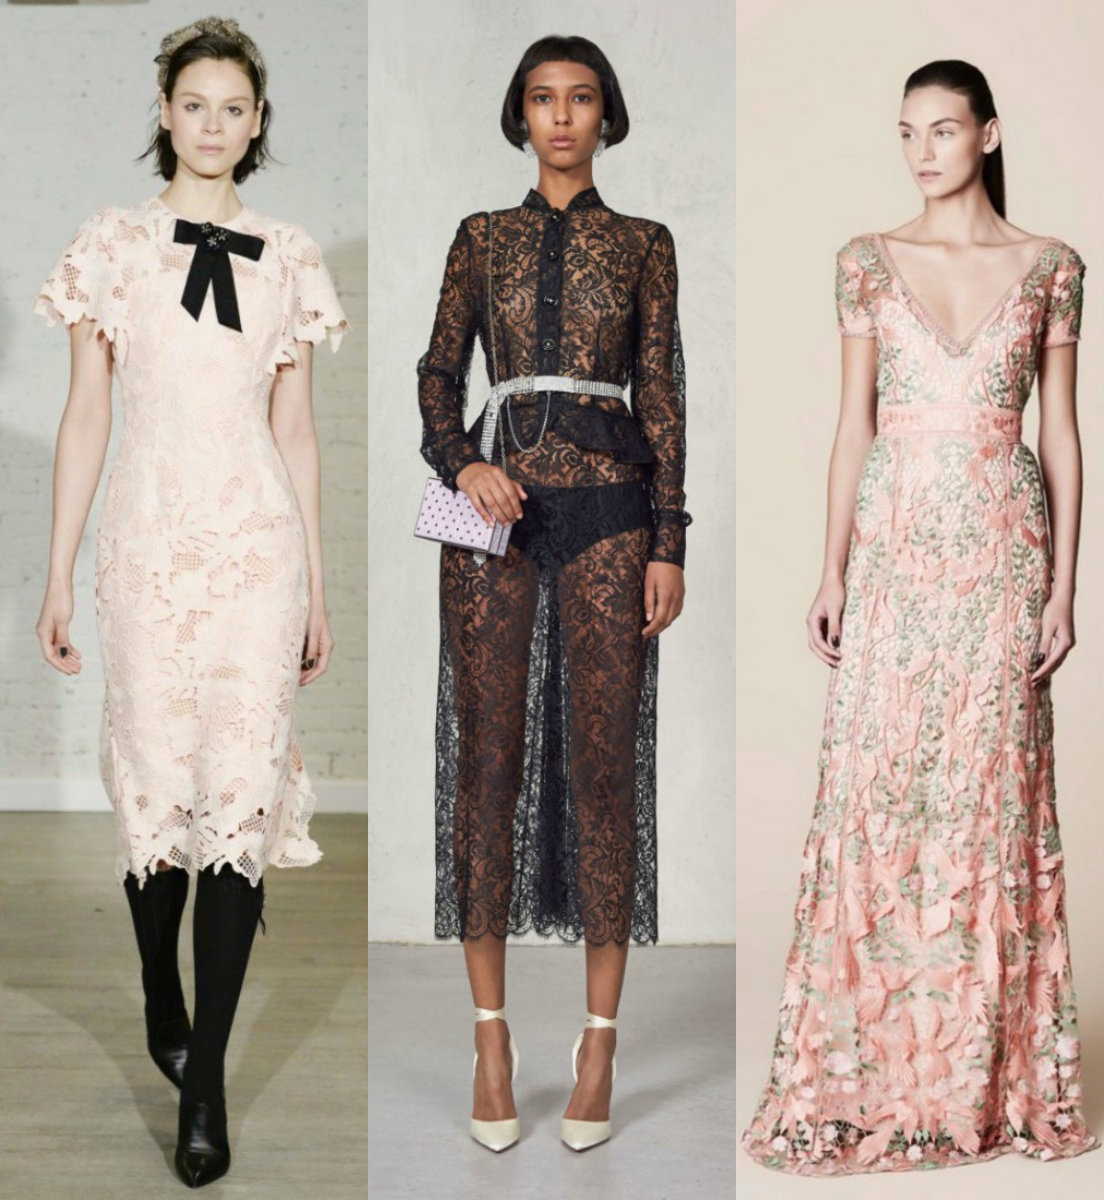 модные тенденции платьев 2018: кружевные модели